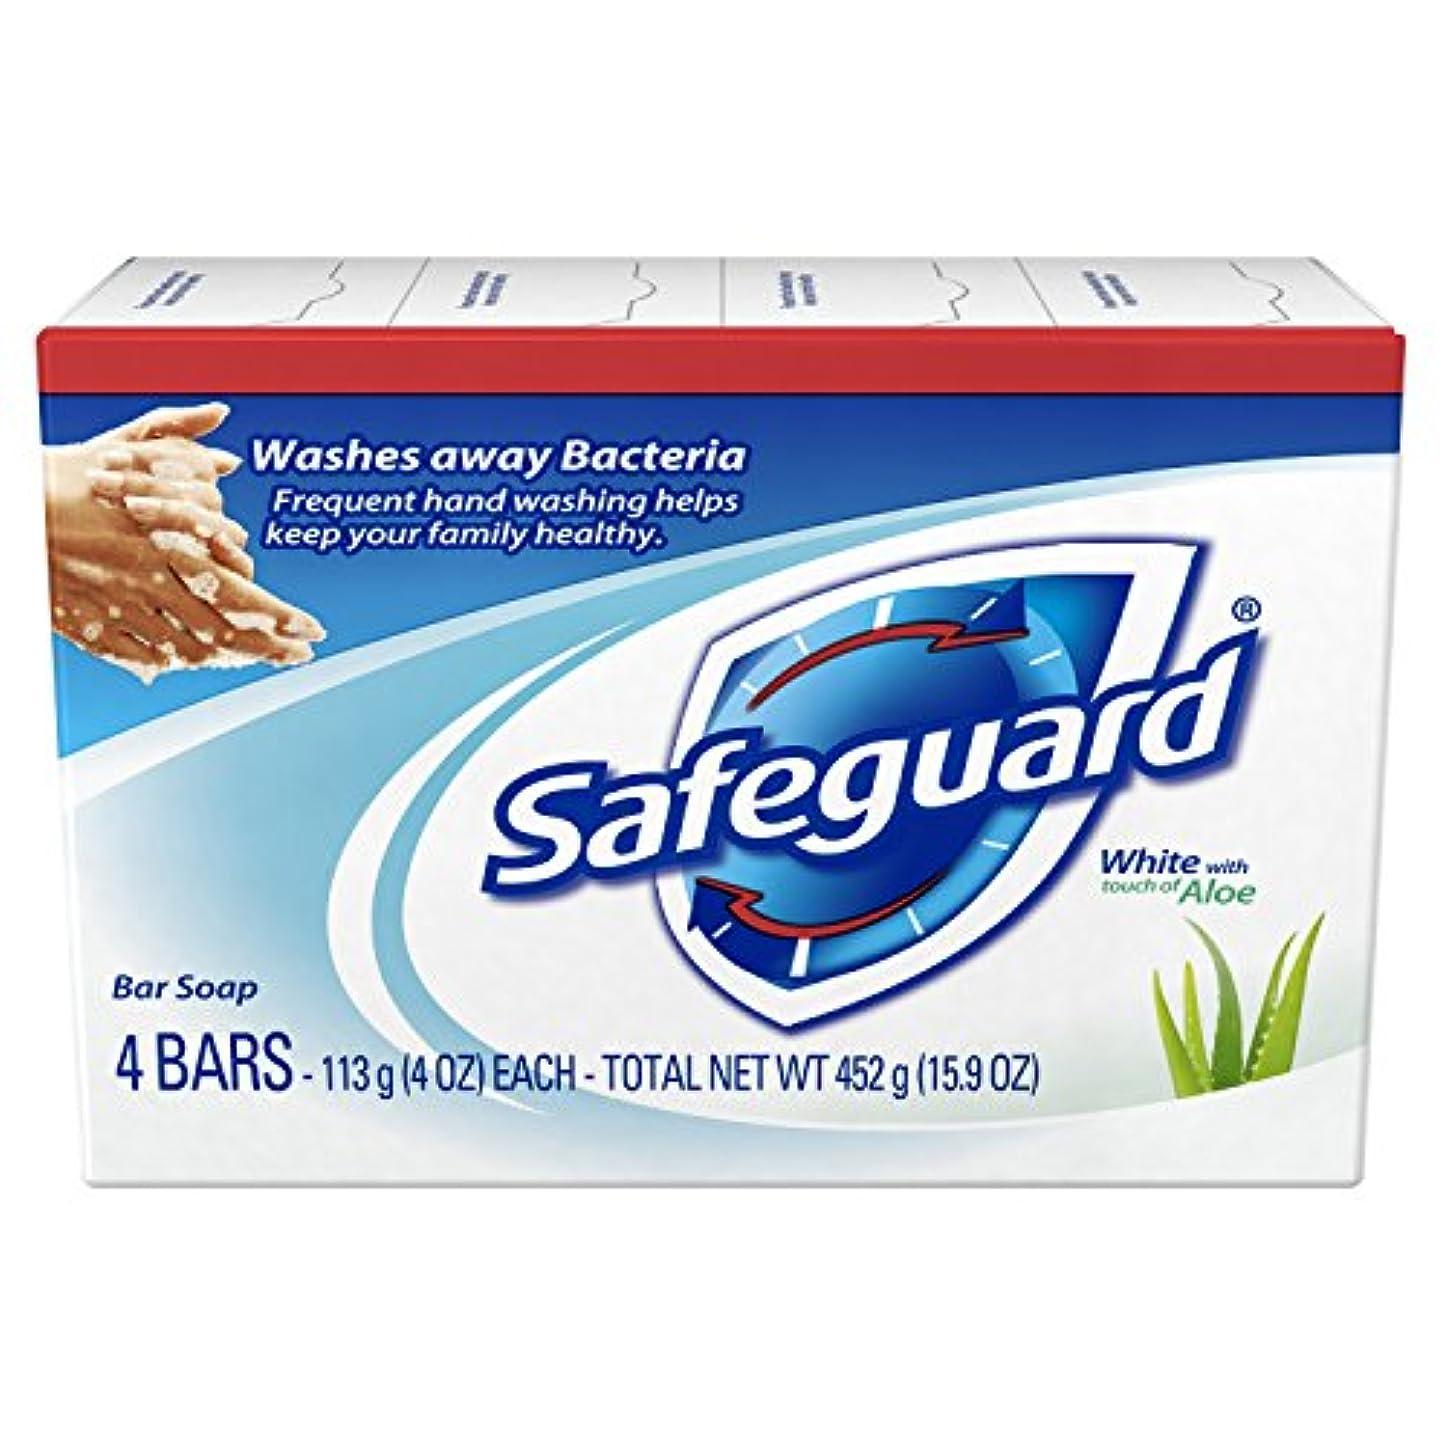 ヒョウどこにも解放Safeguard アロエ4オズバー、4EA(5パック)で抗菌消臭石鹸ホワイト 5パック